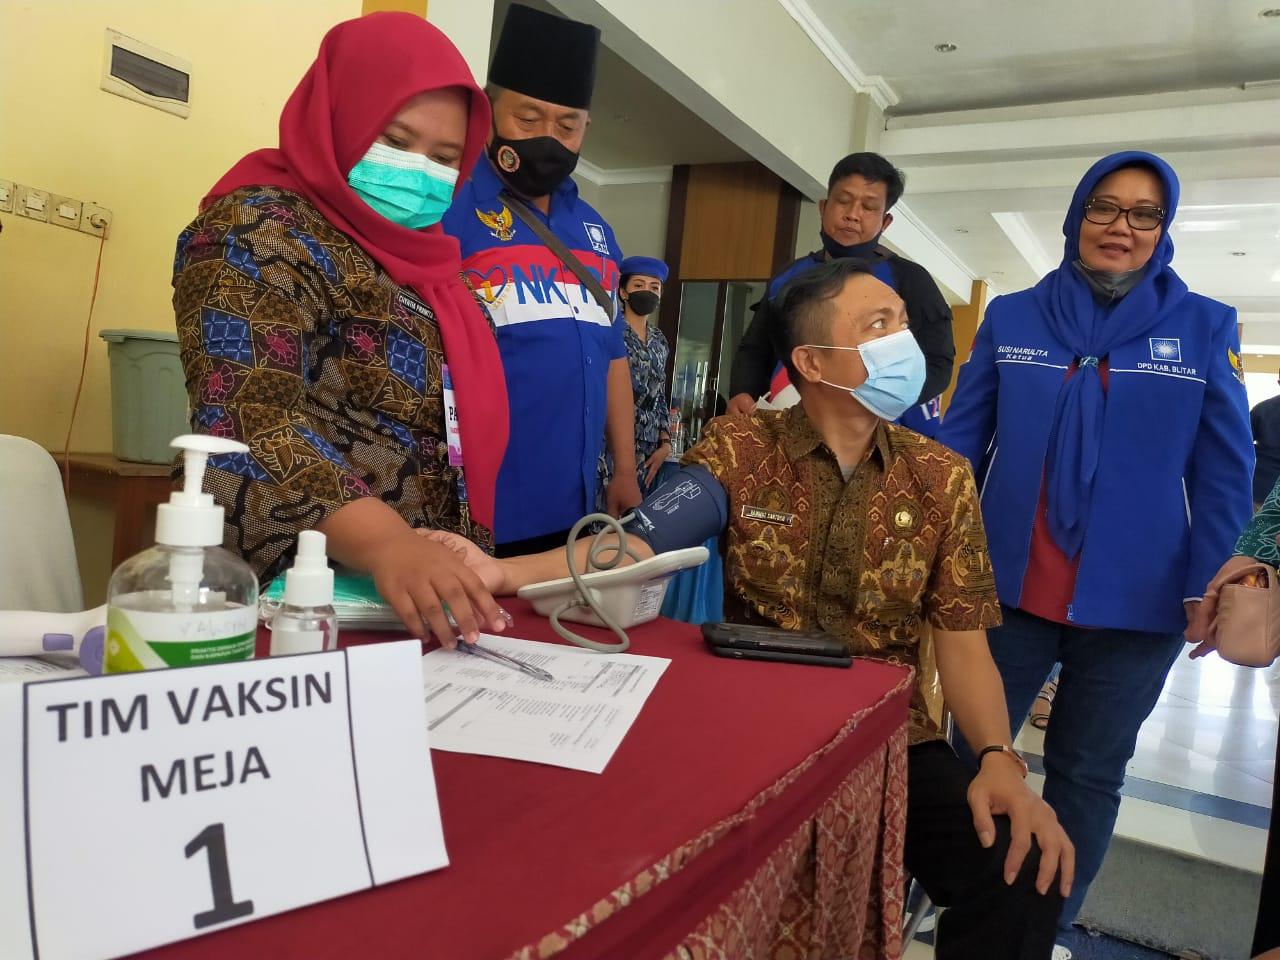 Vaksinasi Covid-19 di Pemkab Blitar yang mendapat dukungan dari PAN Kabupaten Blitar (Robby / Mattanews.co)